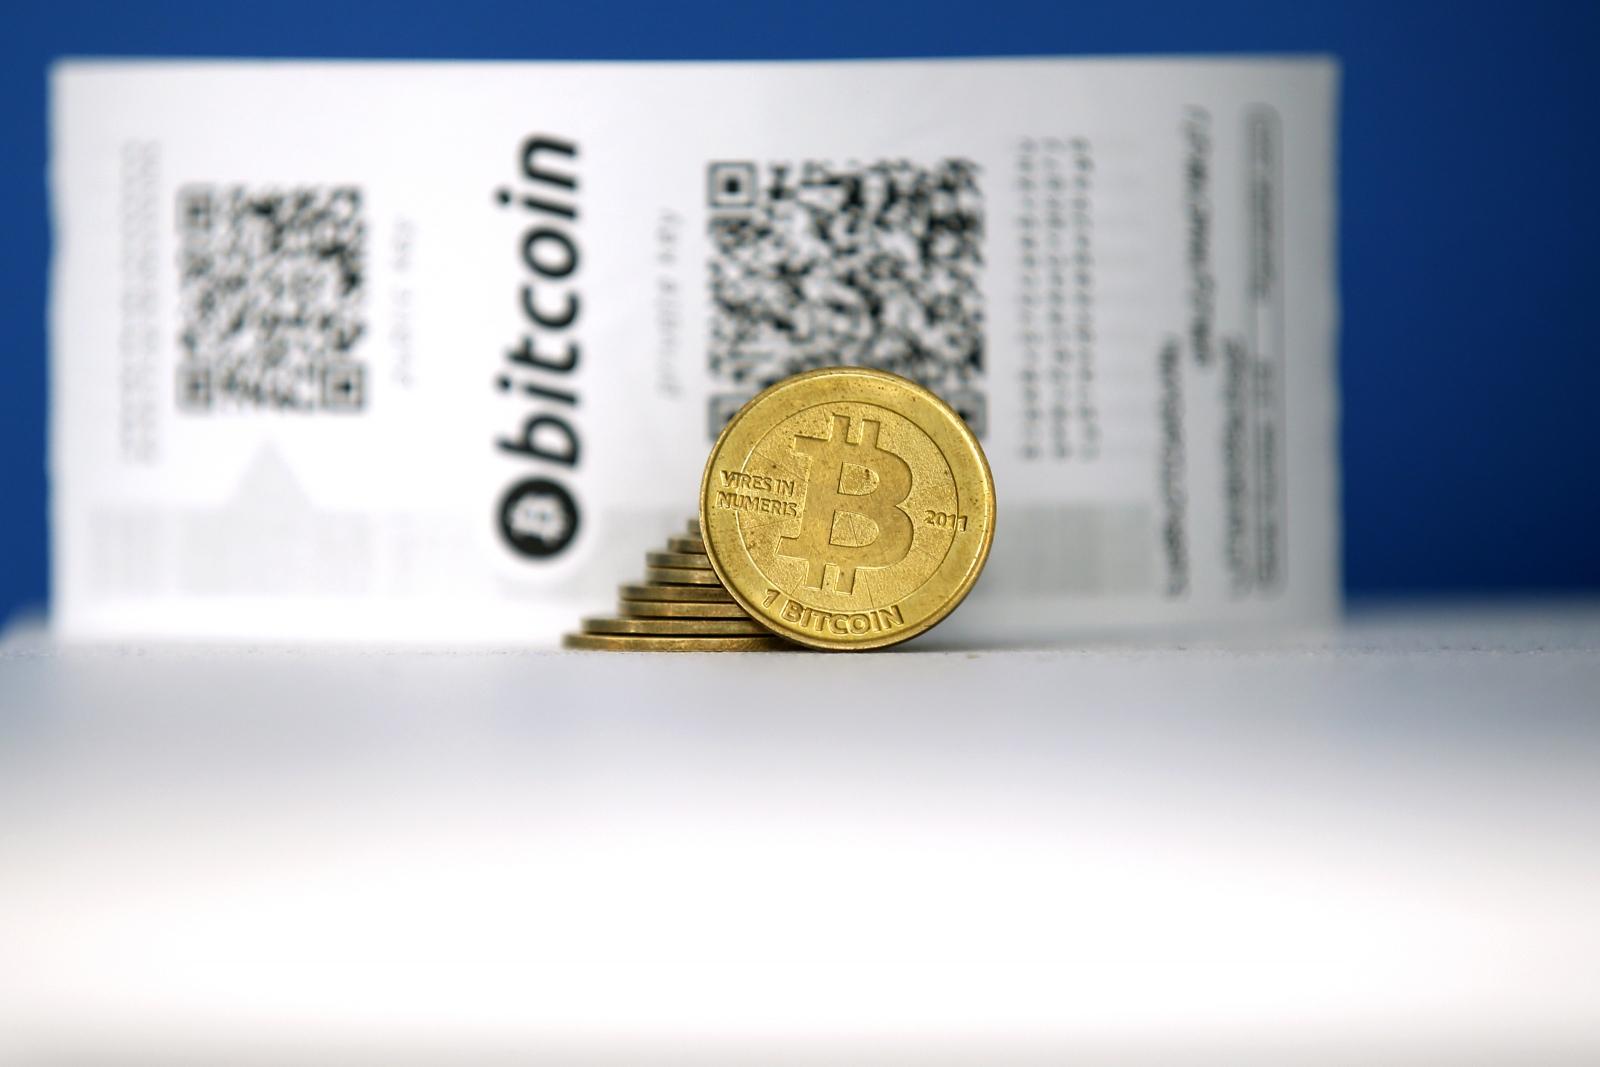 Stripe bitcoin merchants kickstarter twitter